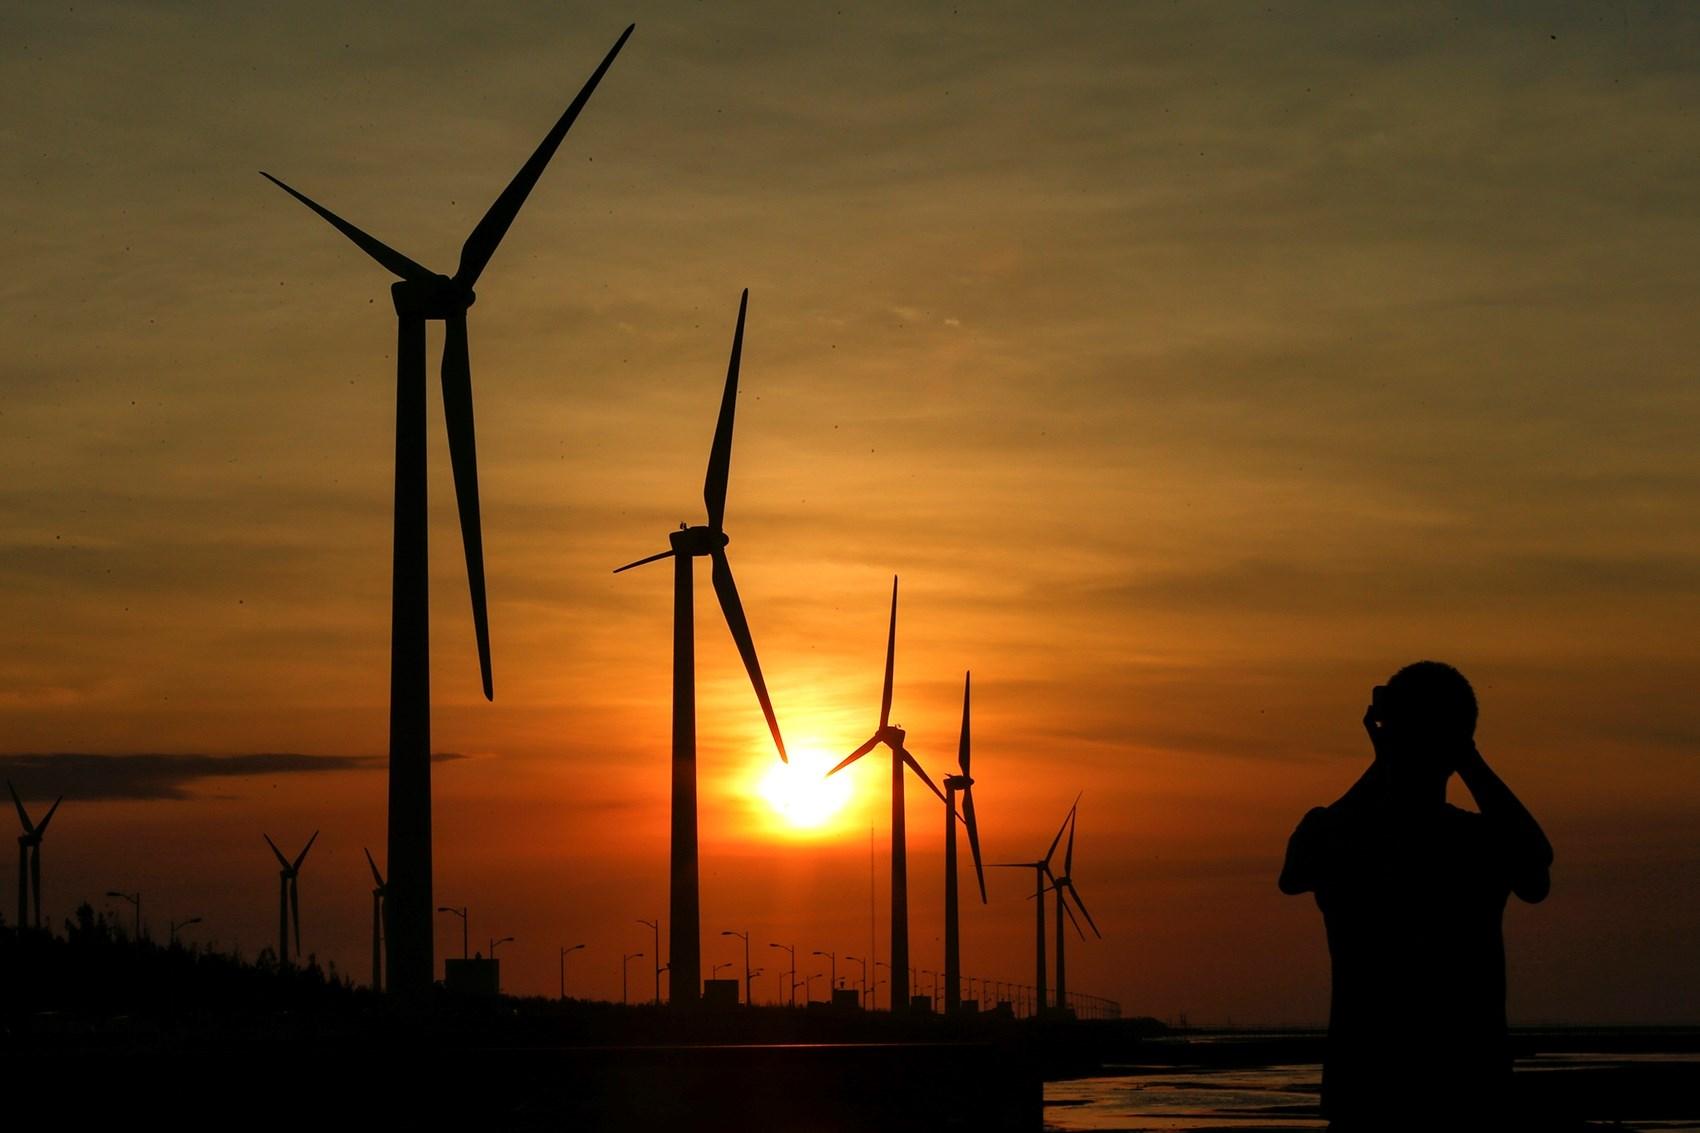 كورونا يتسبب بانخفاض نمو الطاقة المتجددة للمرة الأولى في 20 عاماً